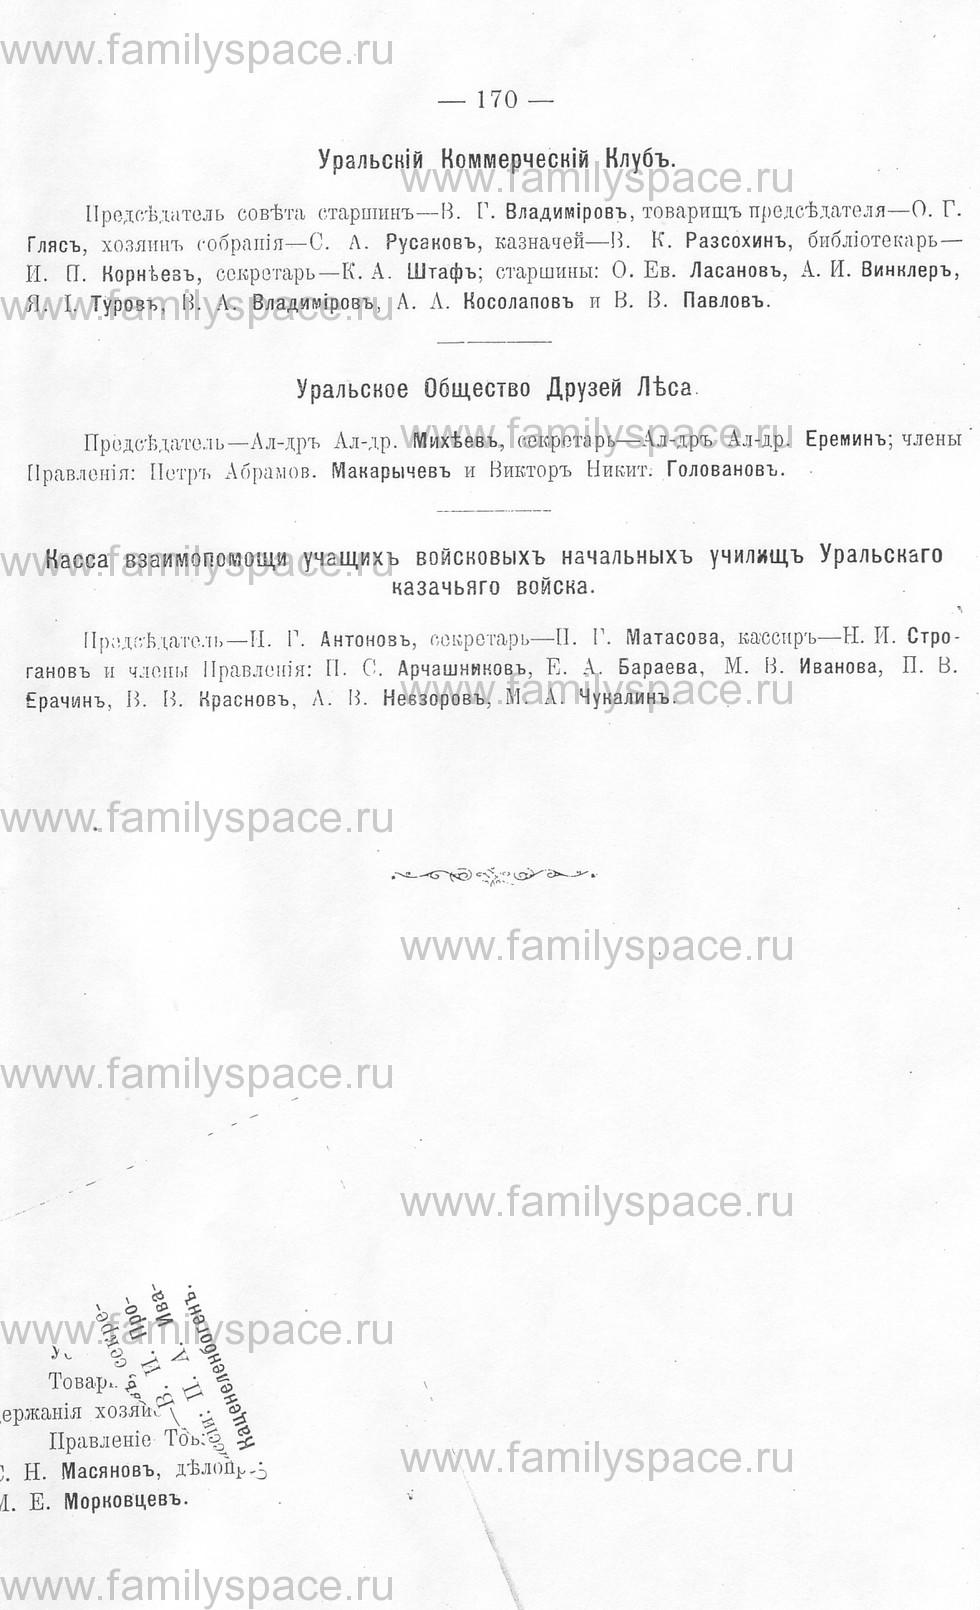 Поиск по фамилии - Памятная книжка Уральской области на 1913 год, страница 170